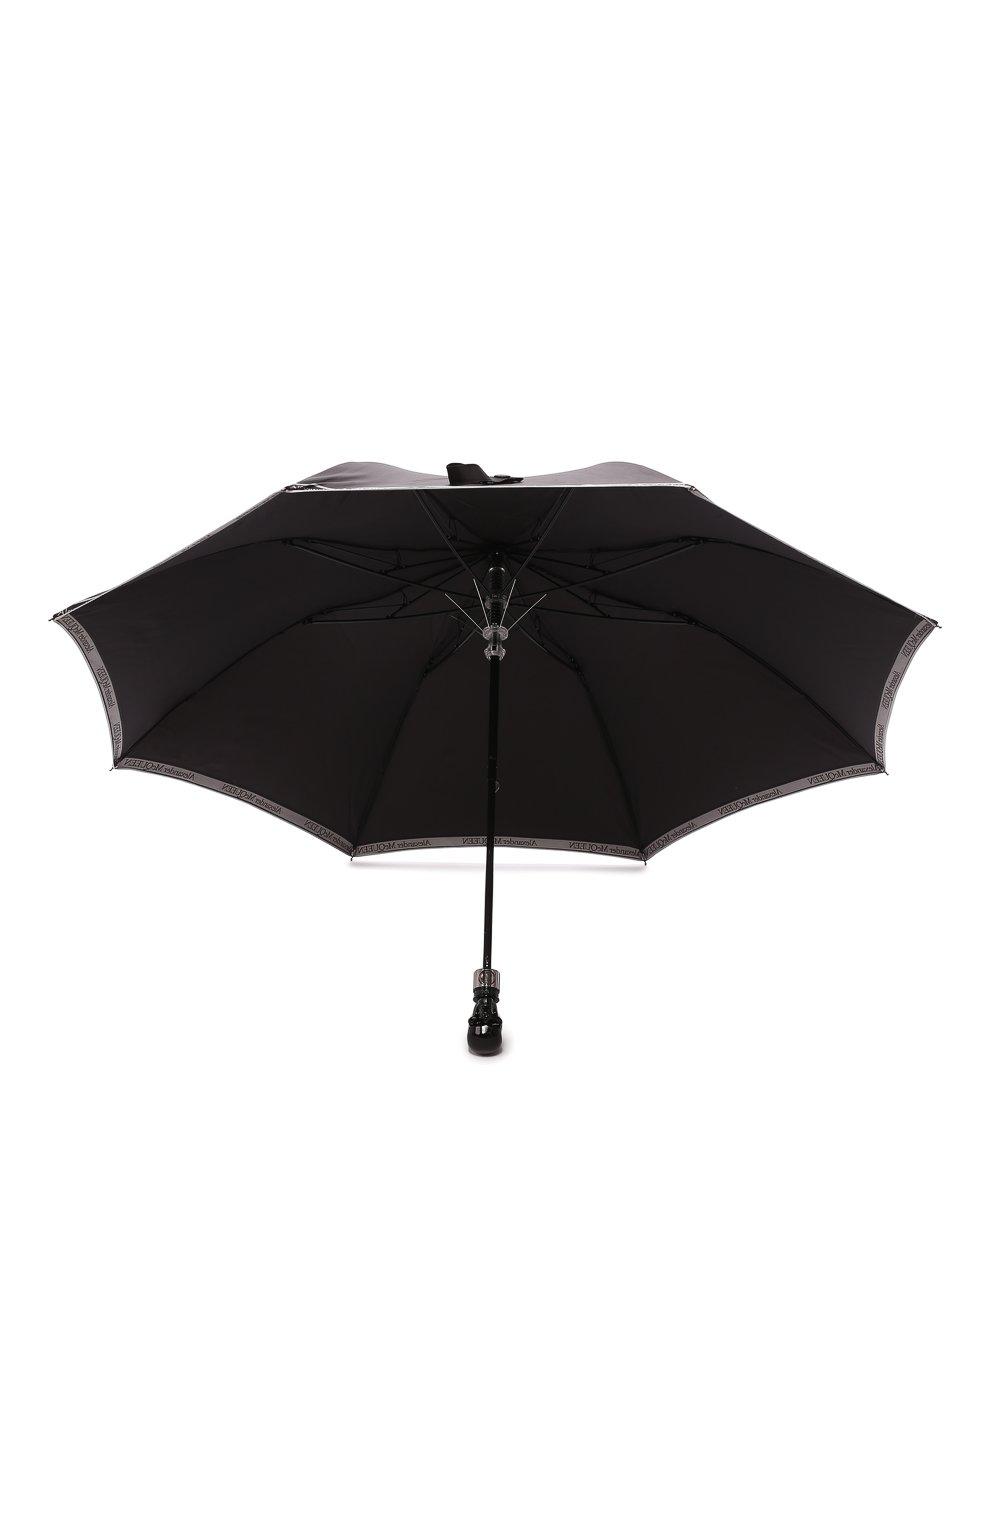 Мужской складной зонт ALEXANDER MCQUEEN черно-белого цвета, арт. 557708/4A37Q   Фото 3 (Материал: Текстиль)